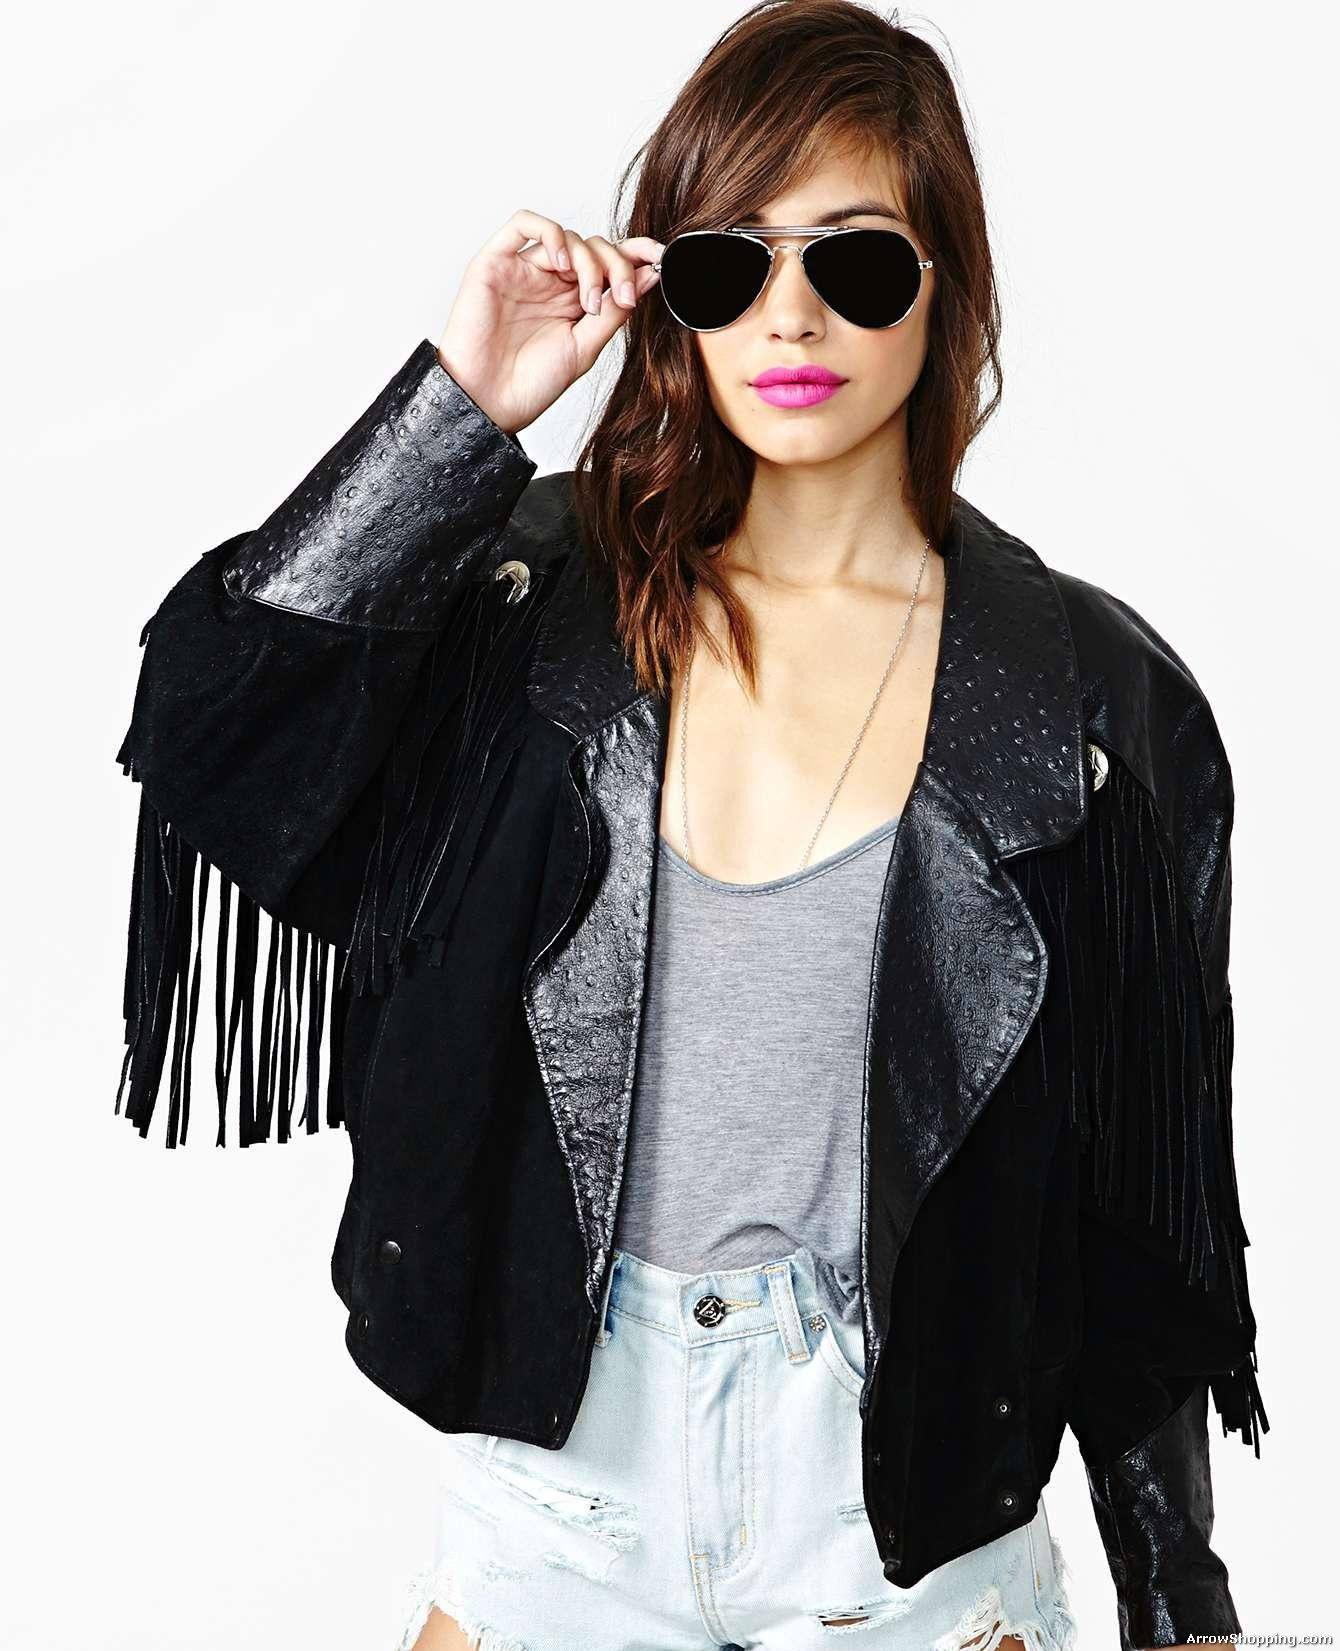 womens black fringe jacketArrow Women fringe Black Leather Jacket 6551 GfiqJxFW